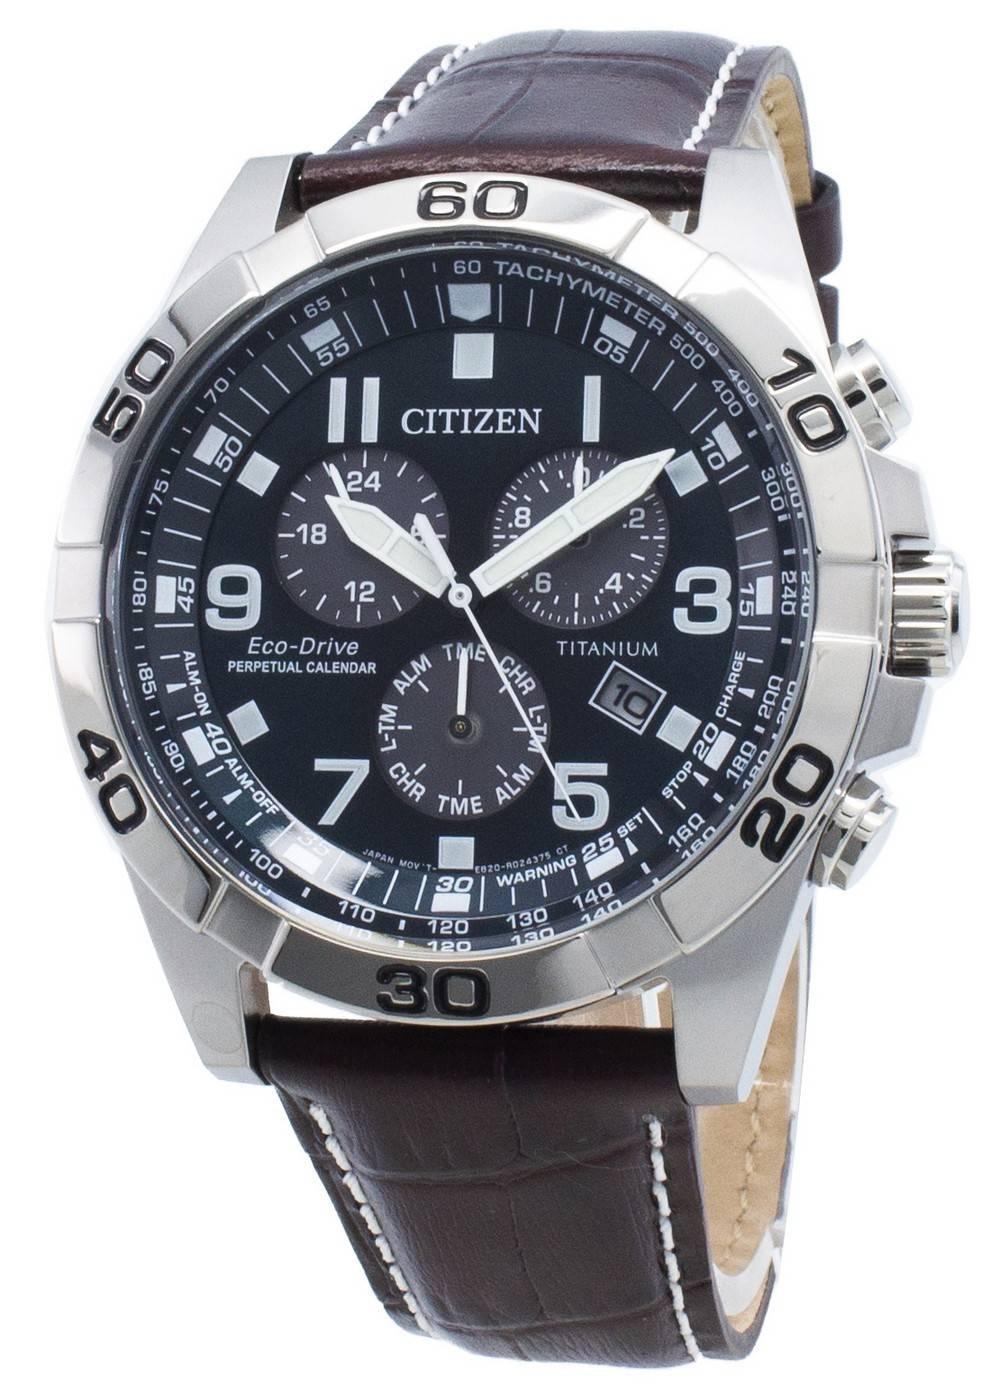 Citizen Men's Eco-Drive Titanium Perpetual Calendar Watch BL5551-06L, £129.99 at TK Maxx